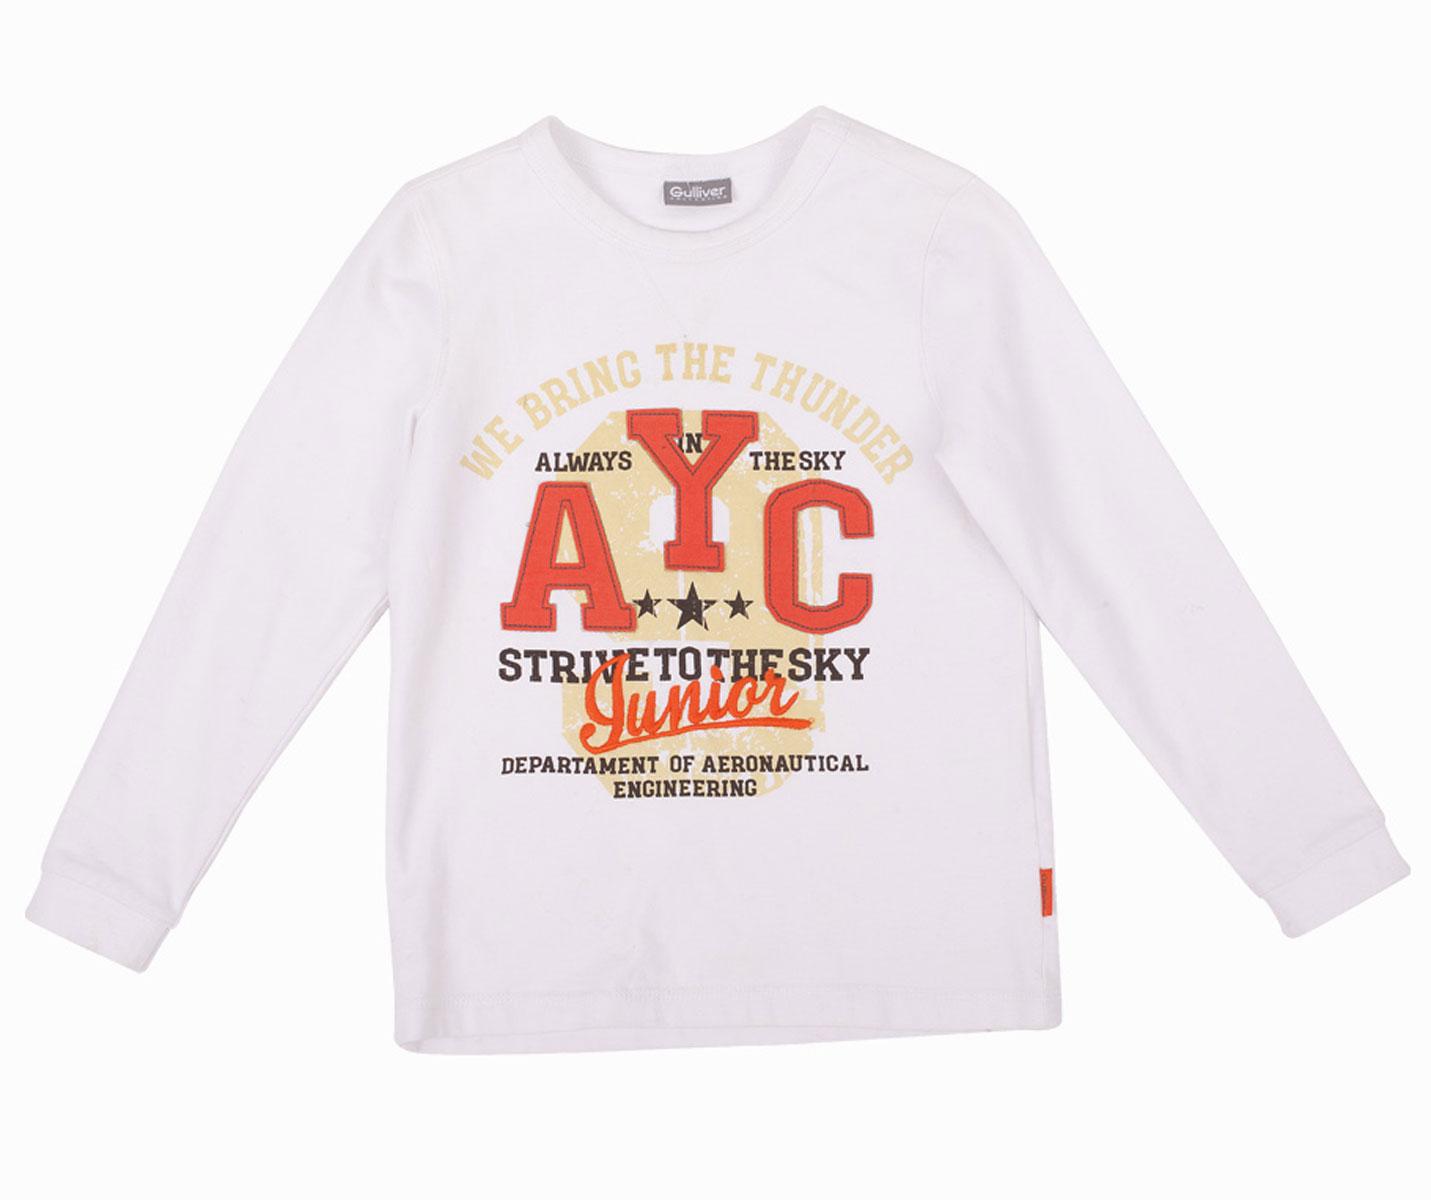 21604BMC1202Белые футболки для мальчика - основа повседневного гардероба! Но лишь некоторые из них становятся по-настоящему любимыми. Модная белая футболка с ярким выразительным принтом сделает каждый день ребенка интересным и увлекательным. Выполненная из хлопка с эластаном, футболка с надписями обладает особой мягкостью, обеспечивающей ежедневный комфорт. Вы решили купить модную белую футболку с длинным рукавом? Эта модель - то, что вам нужно!